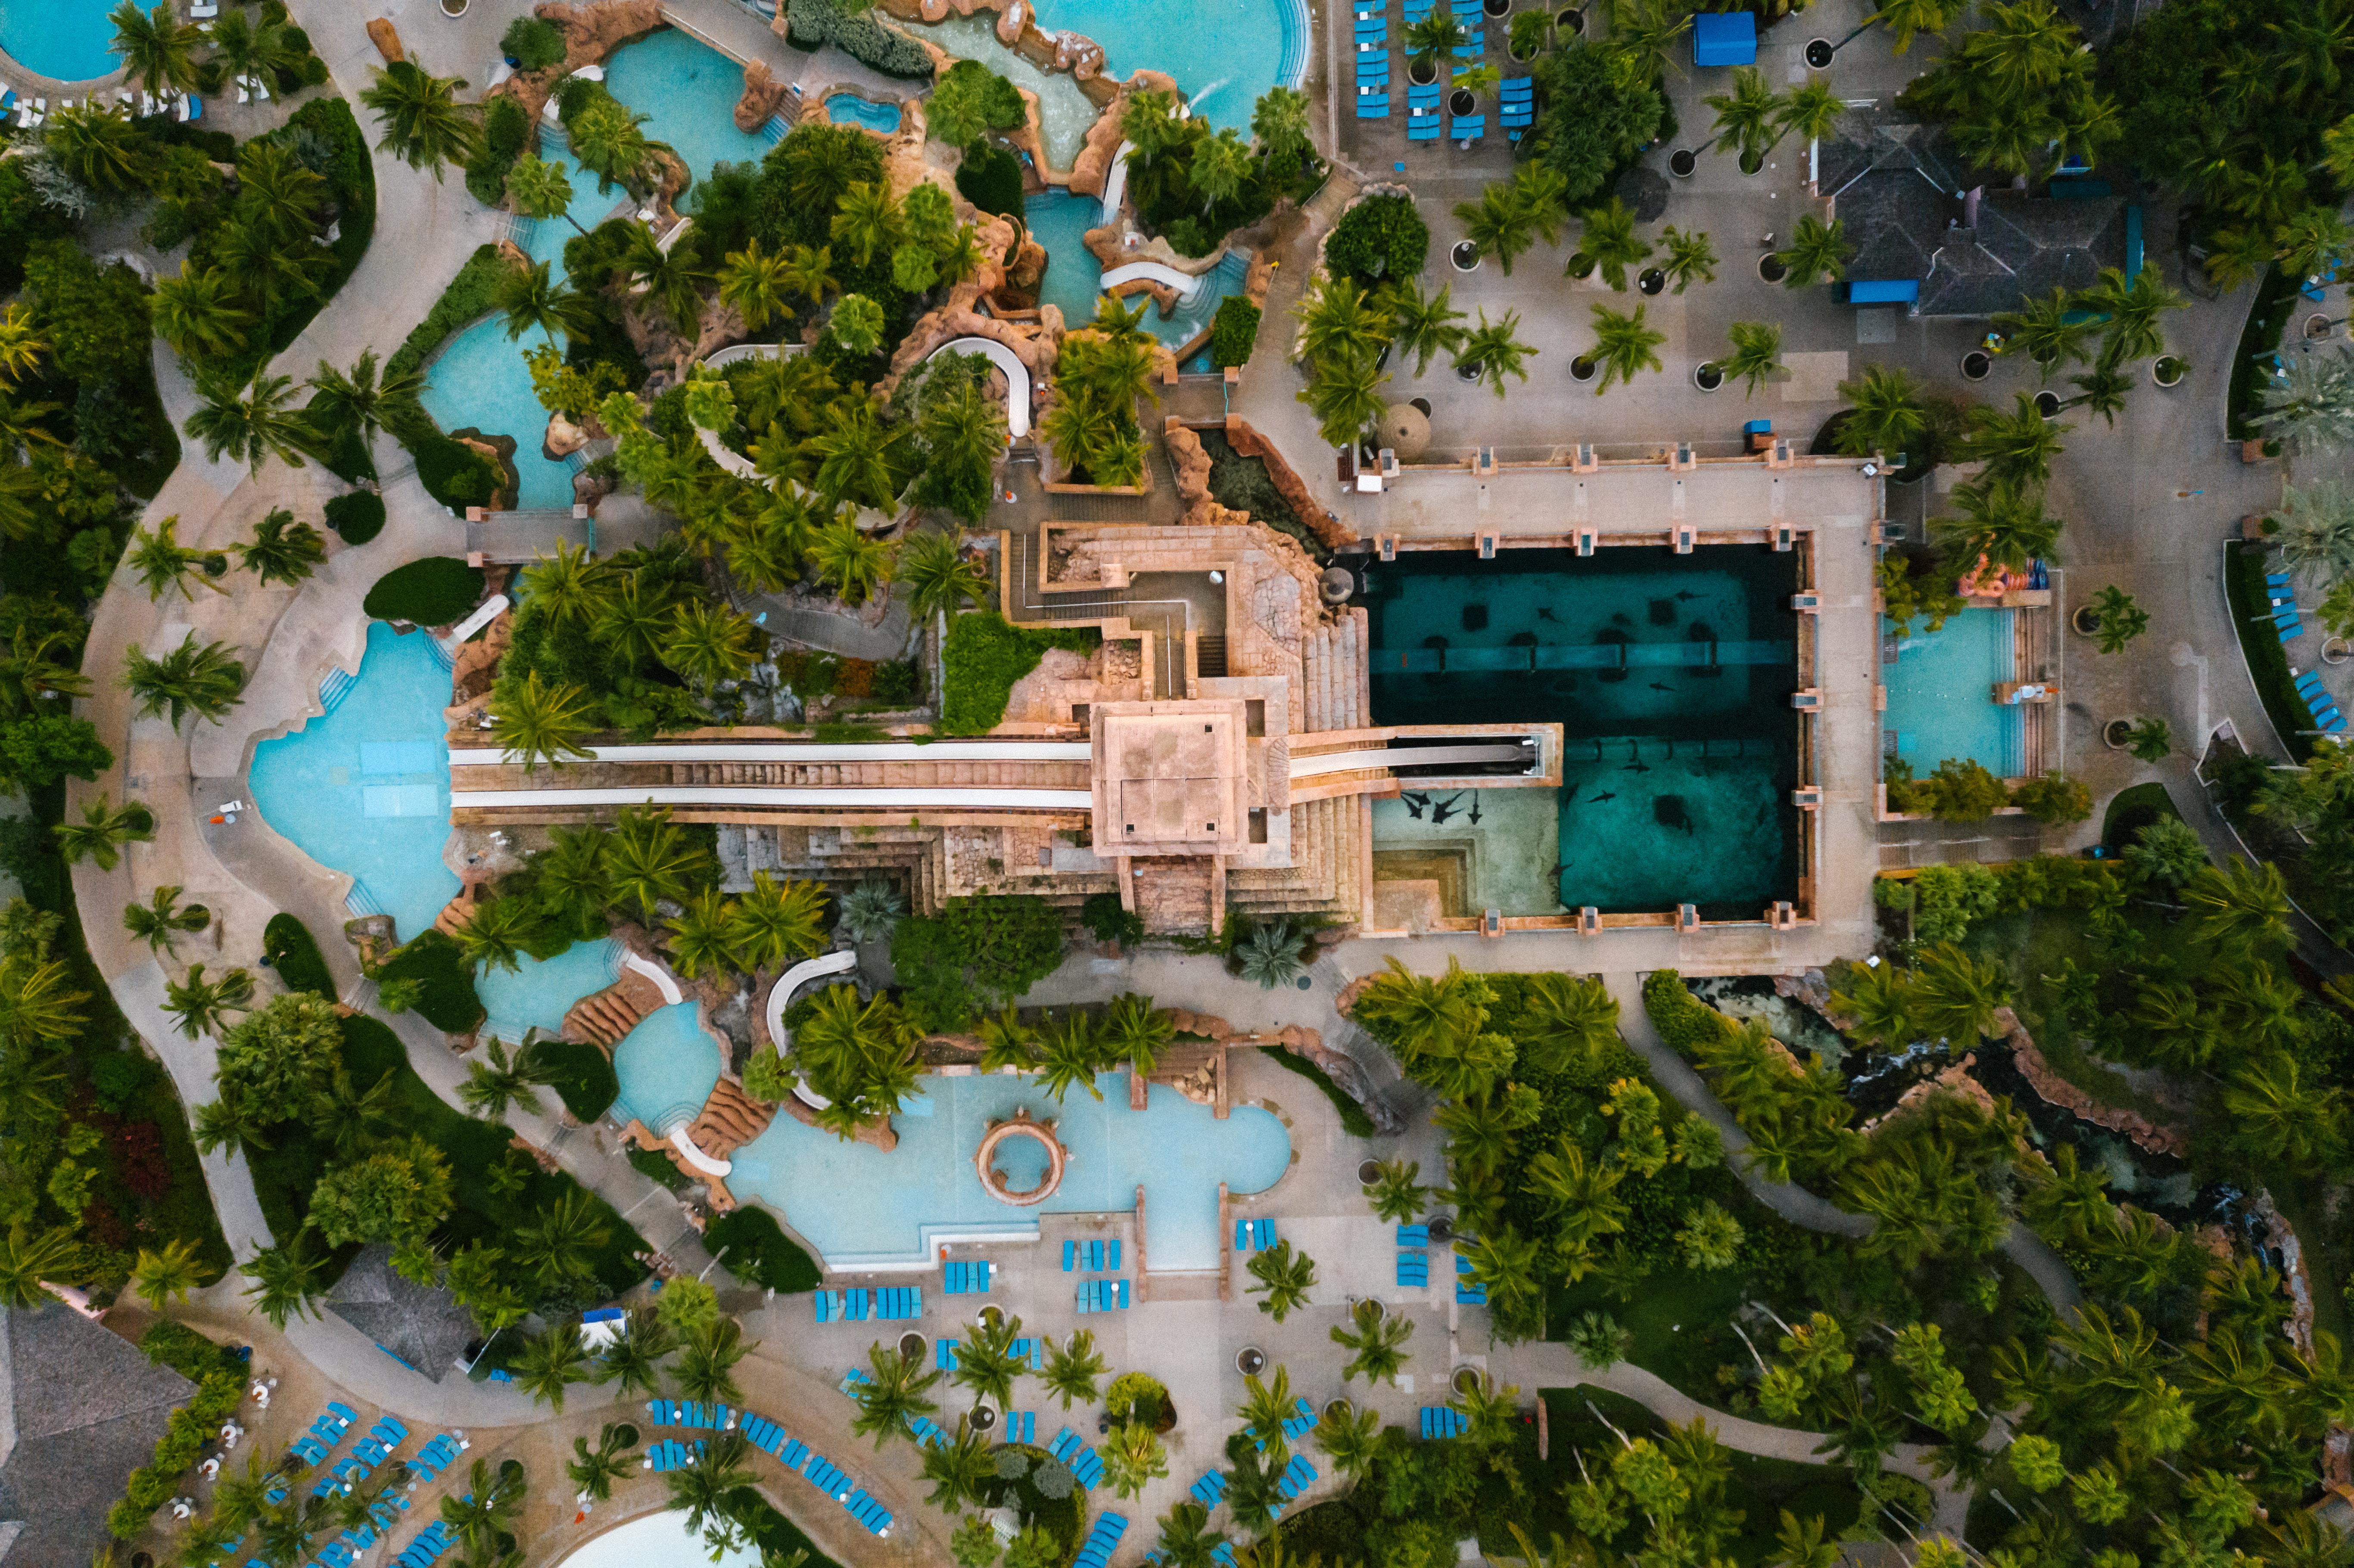 Belvedere Hotel, Luxury hotels in Greece